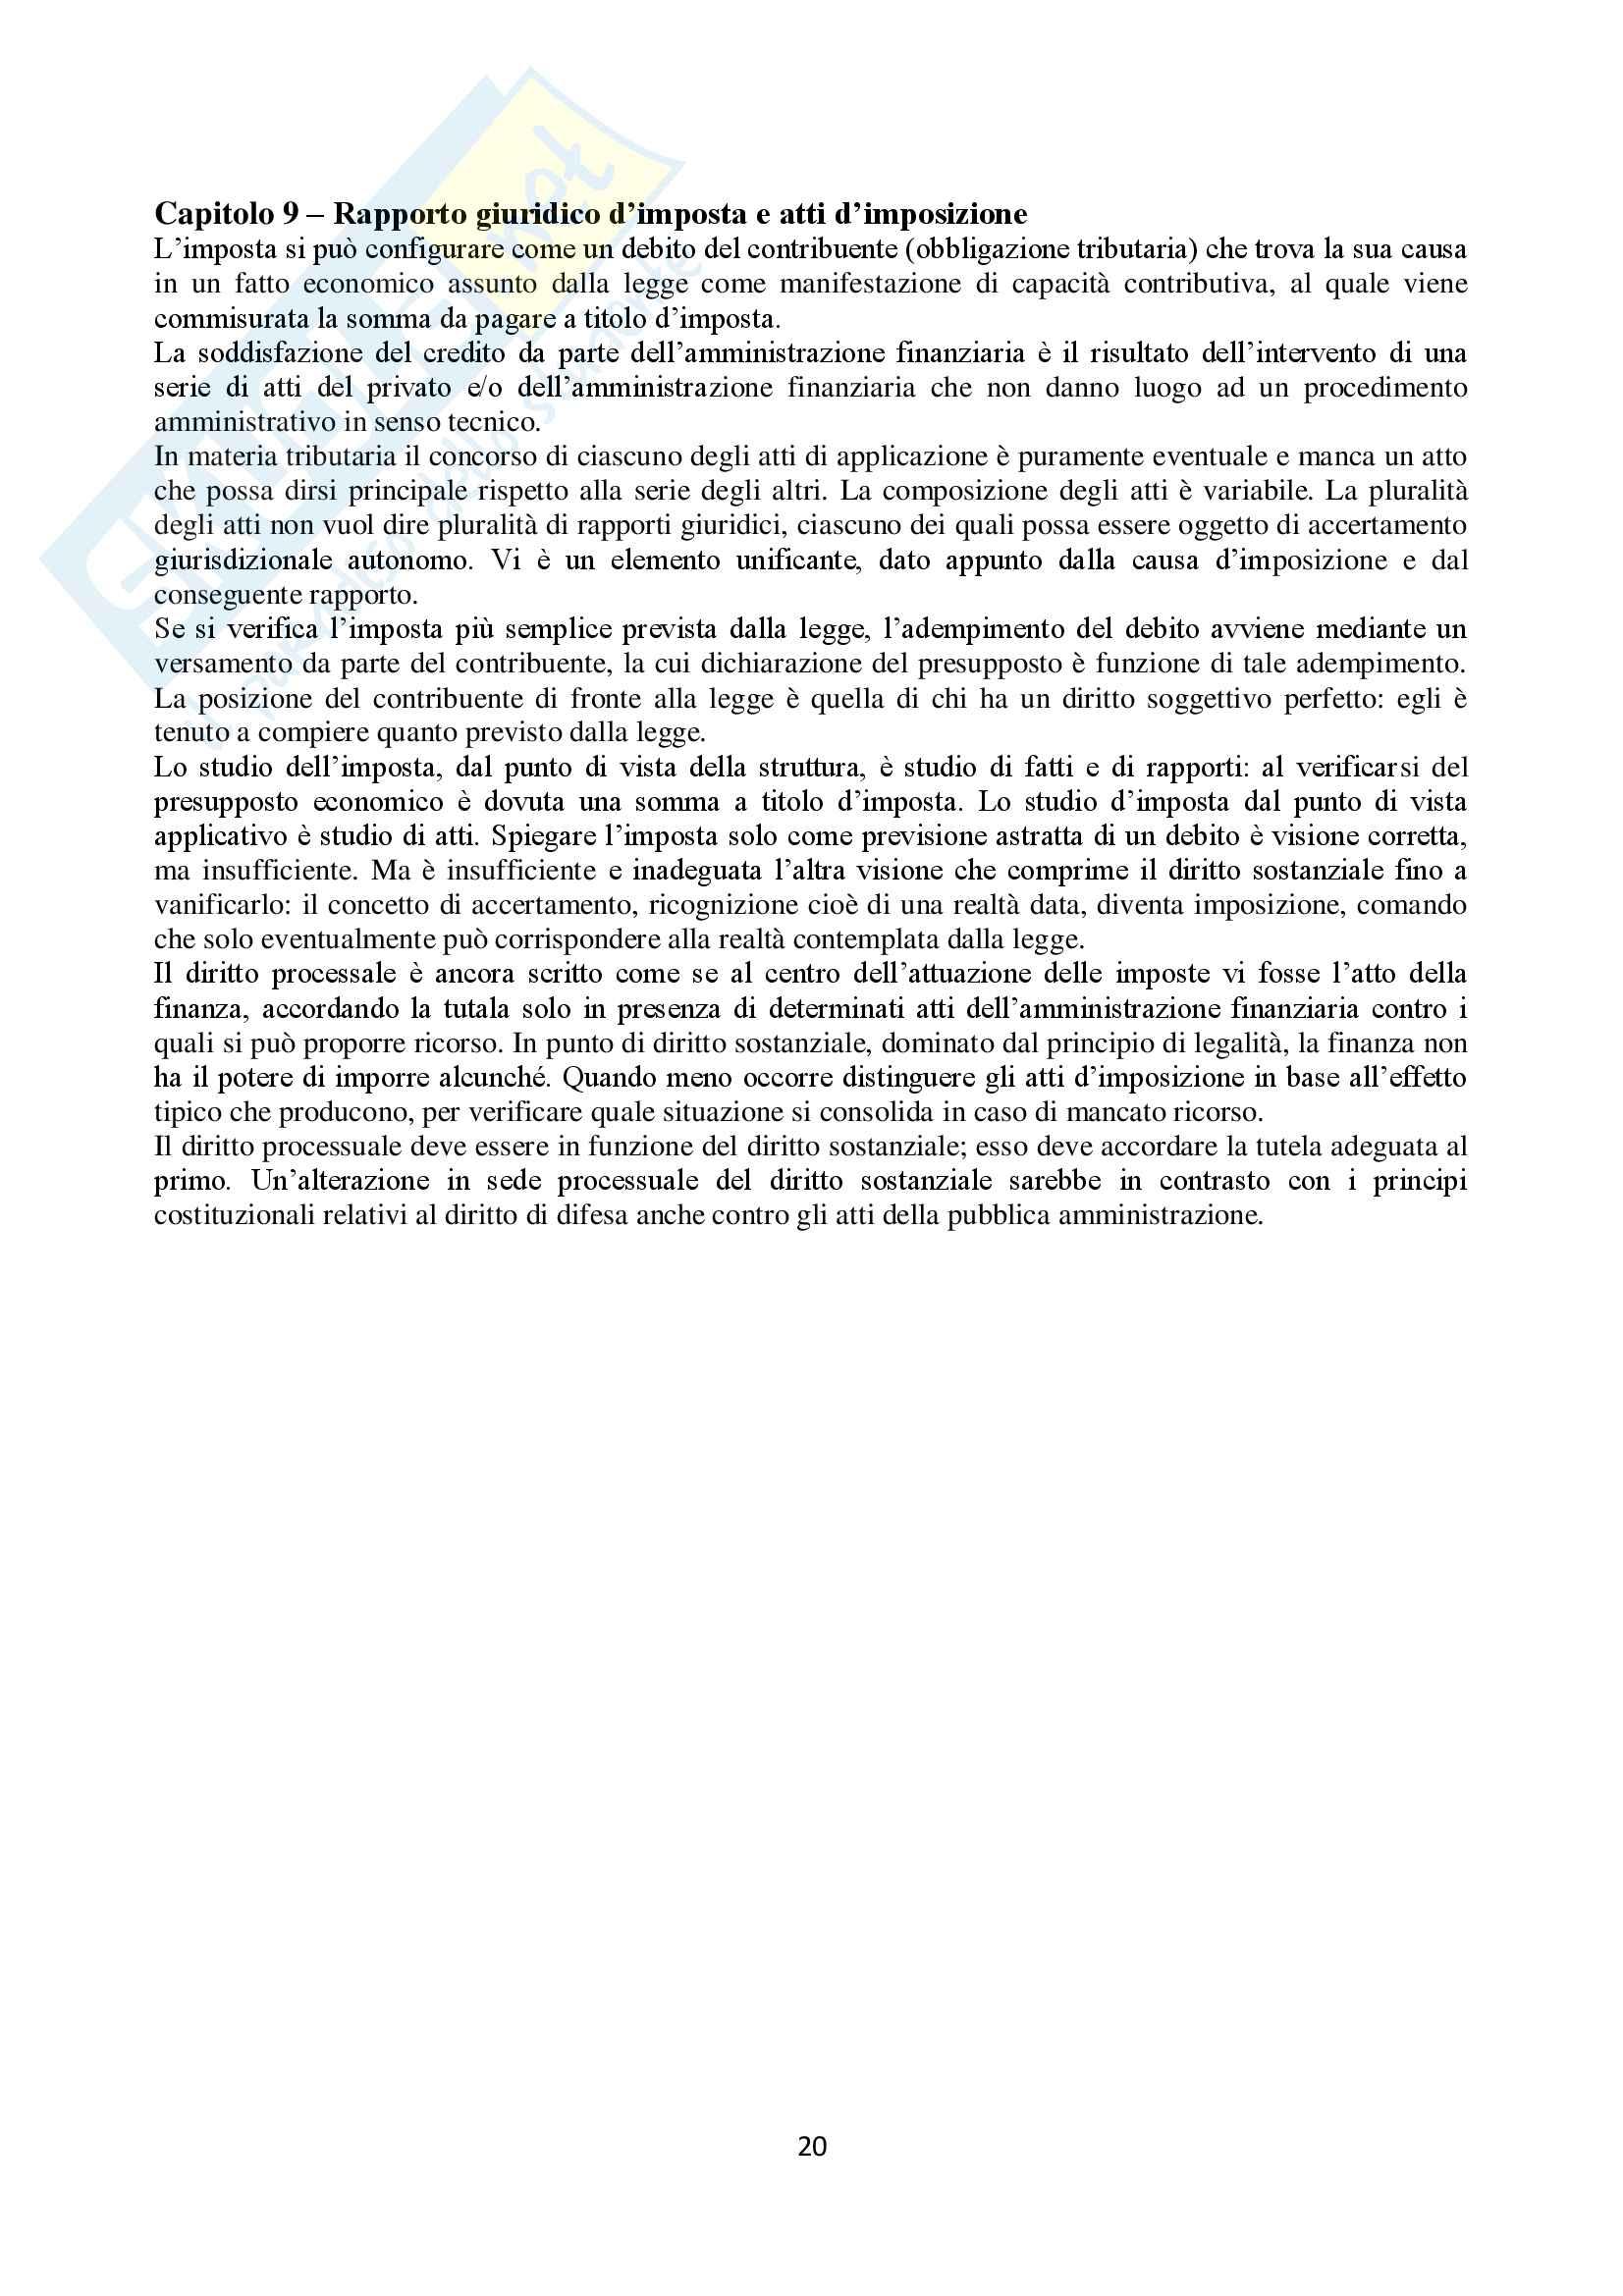 Appunti Diritto Tributario Pag. 21